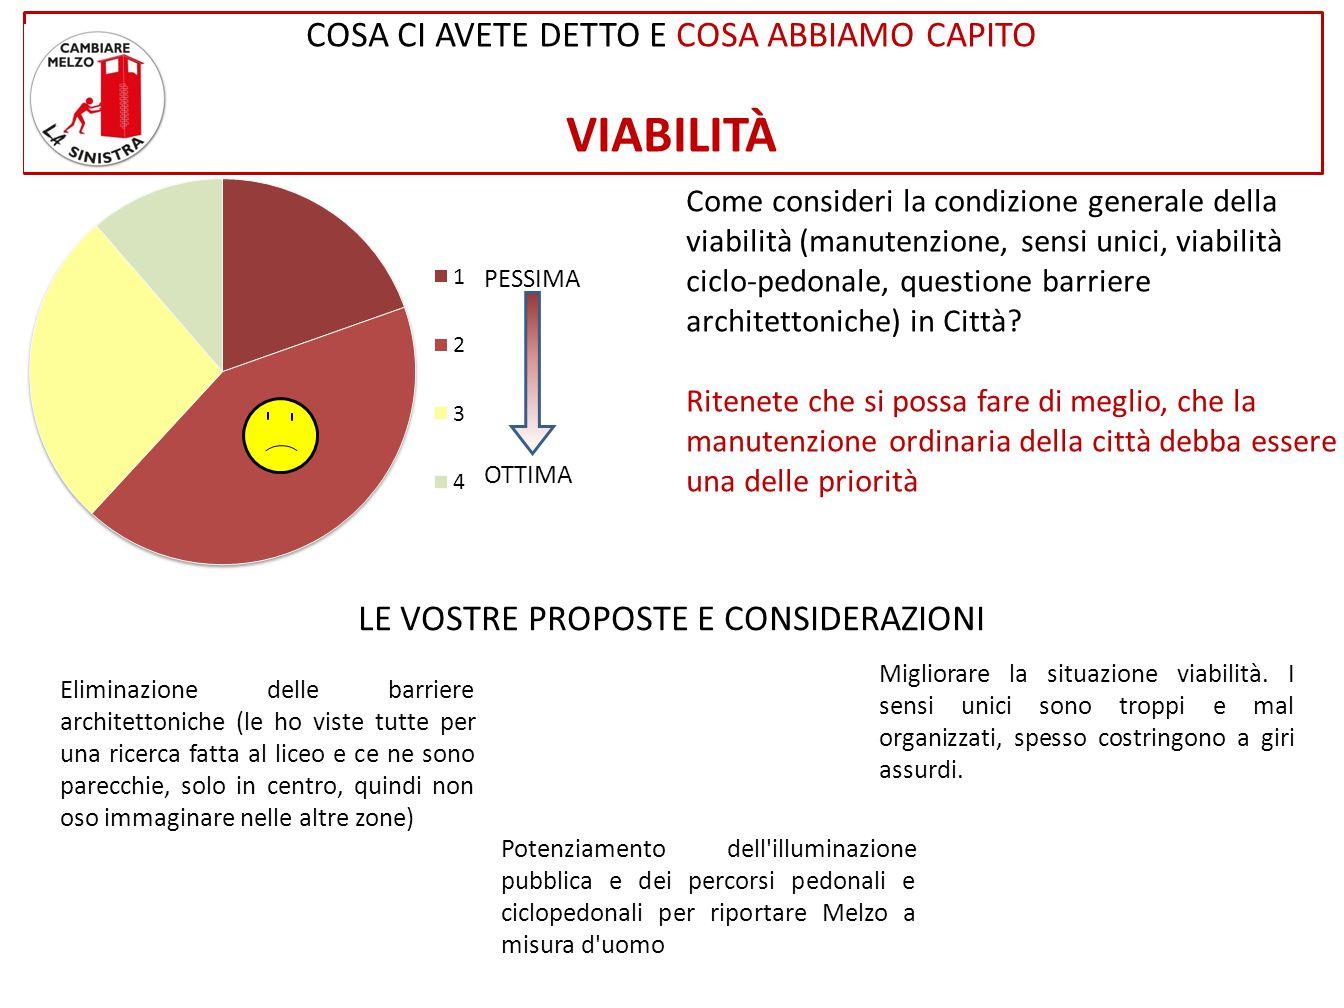 Come consideri la condizione generale della viabilità (manutenzione, sensi unici, viabilità ciclo-pedonale, questione barriere architettoniche) in Città.